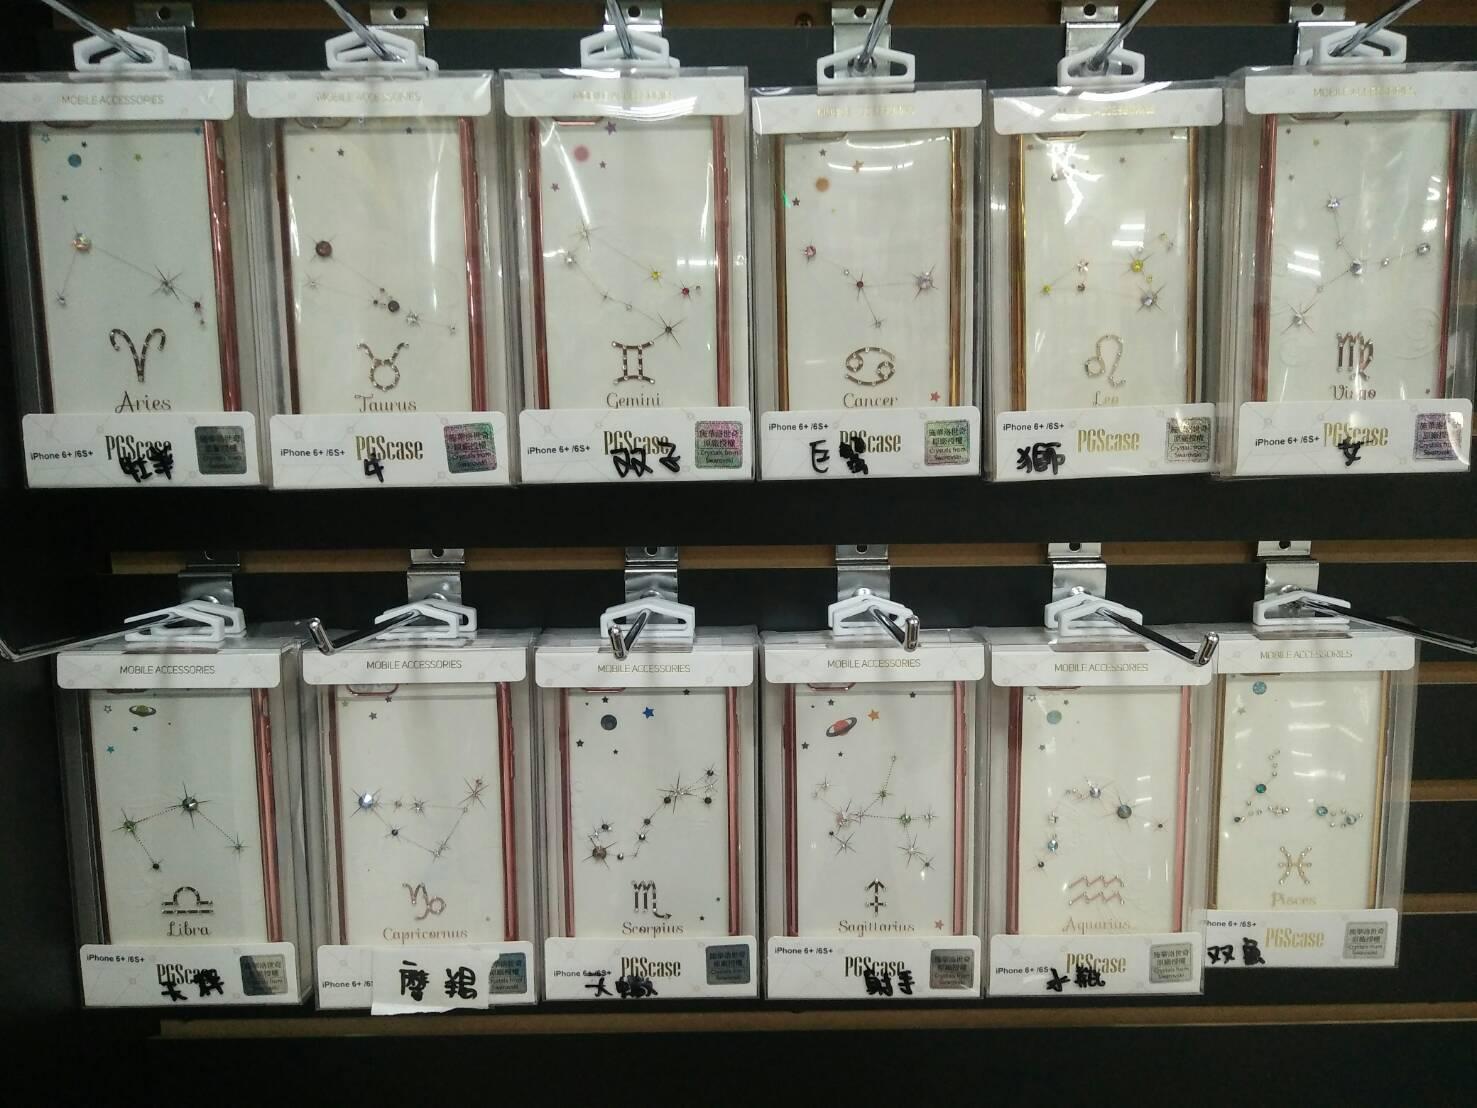 【奧地利水鑽】iPhone 6 Plus /6s Plus (5.5吋) 星座系列電鍍彩鑽保護軟套(雙魚座)